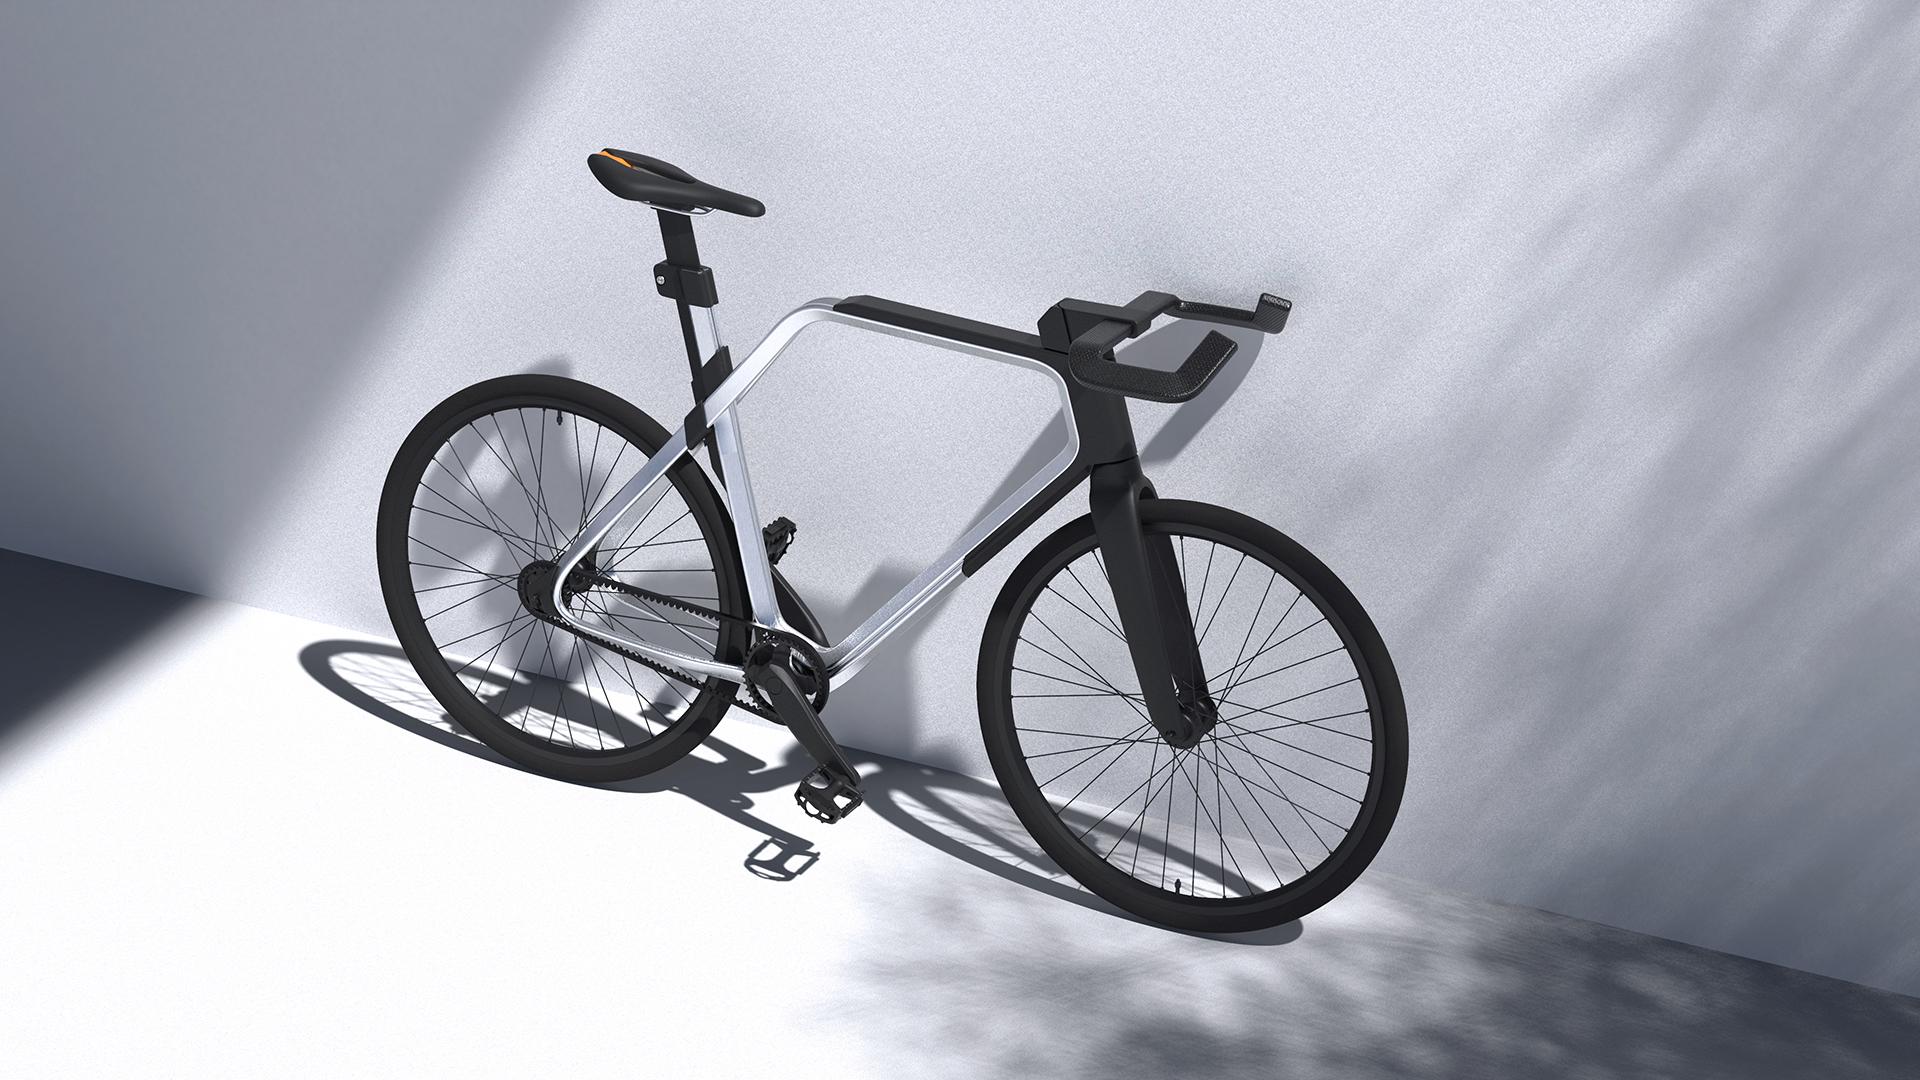 KTM BICYCLES